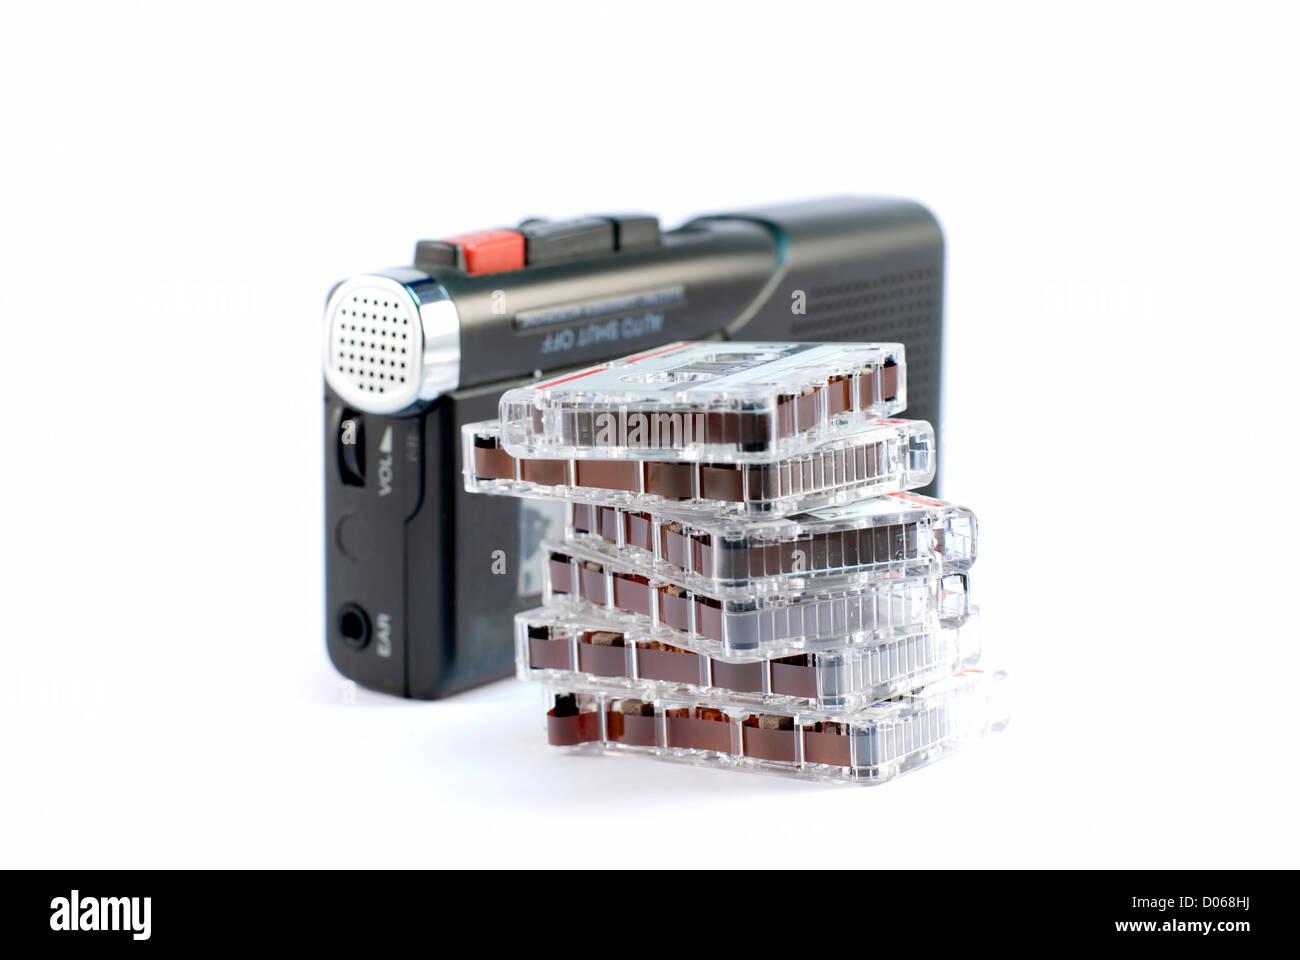 Diktiergerät auf weißem Hintergrund mit einem Stapel von Datensätzen Stockbild